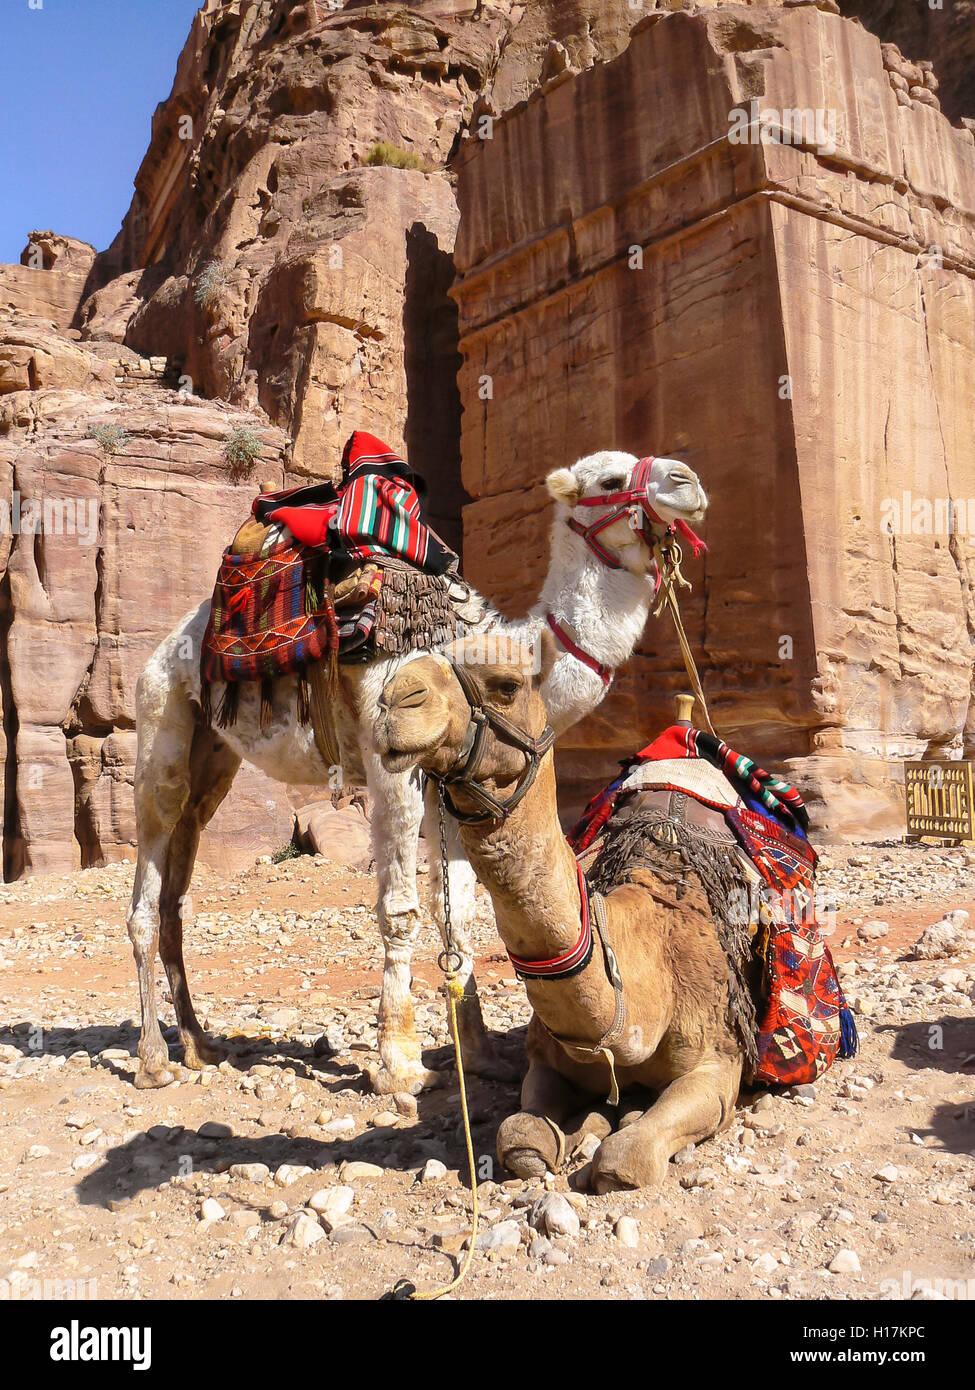 Camels for tourists at Petra, Jordan - Stock Image